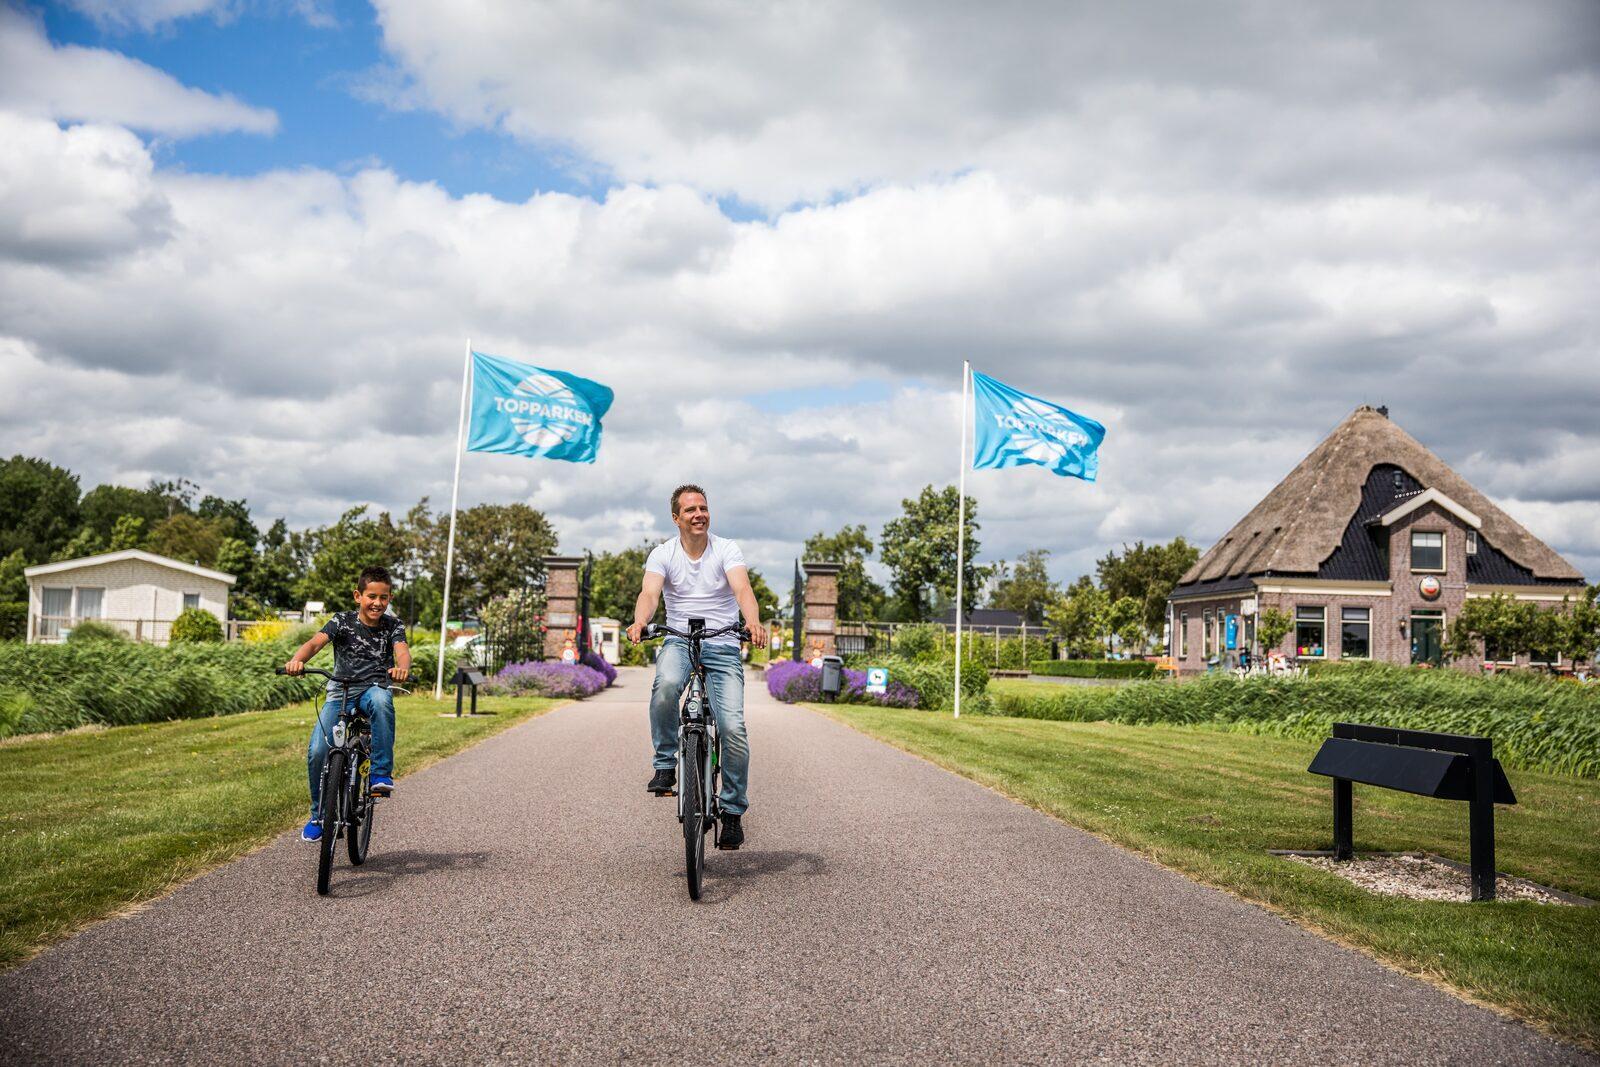 Le parc de Westerkogge reçoit le label de qualité la Clef verte